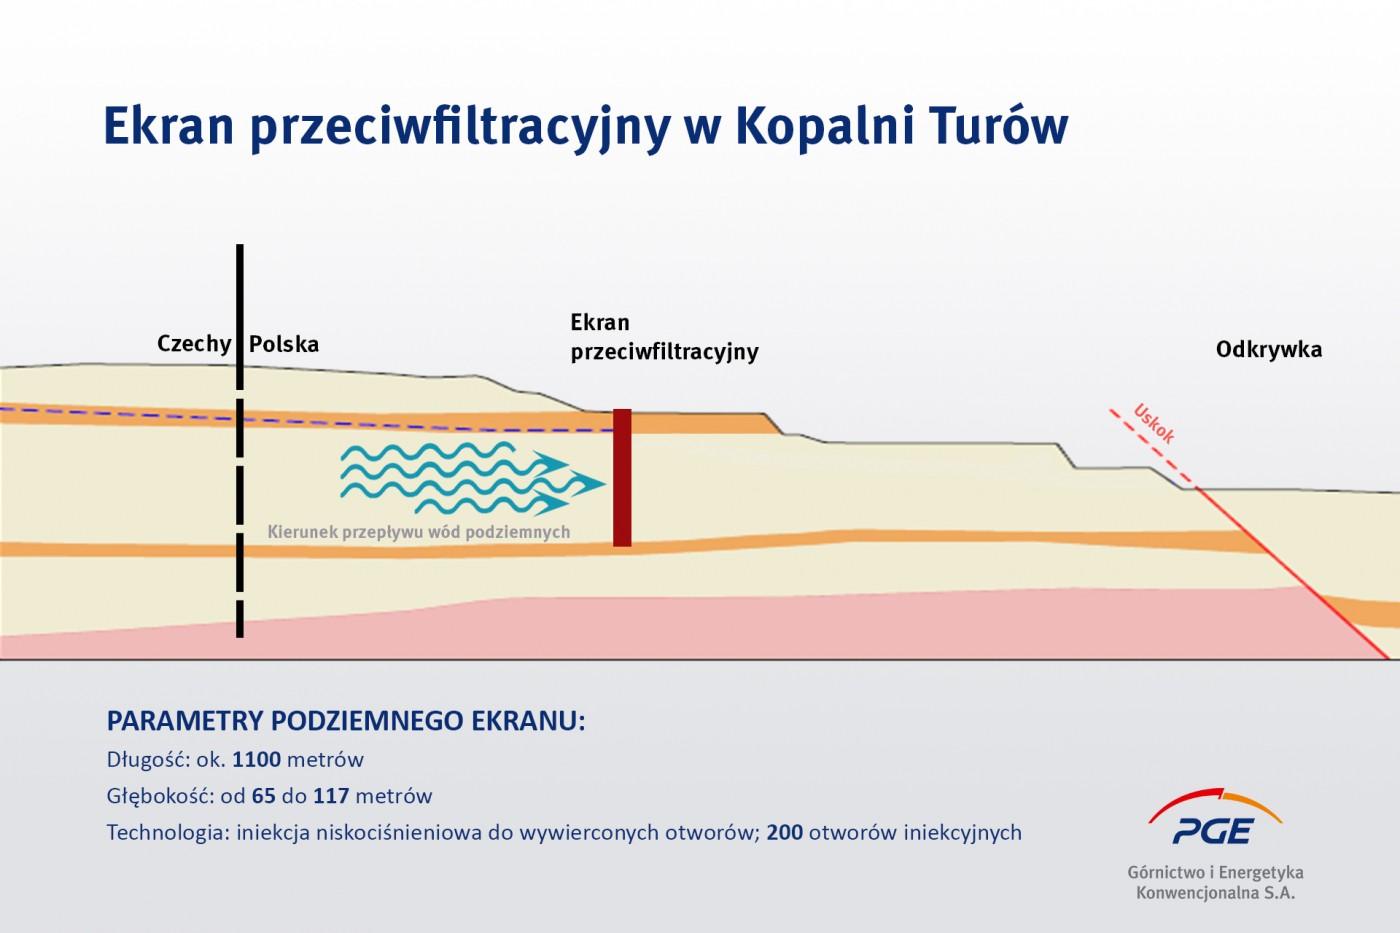 infografika_ekrany-przeciwfiltracyjny-w-kwbt_1.jpg